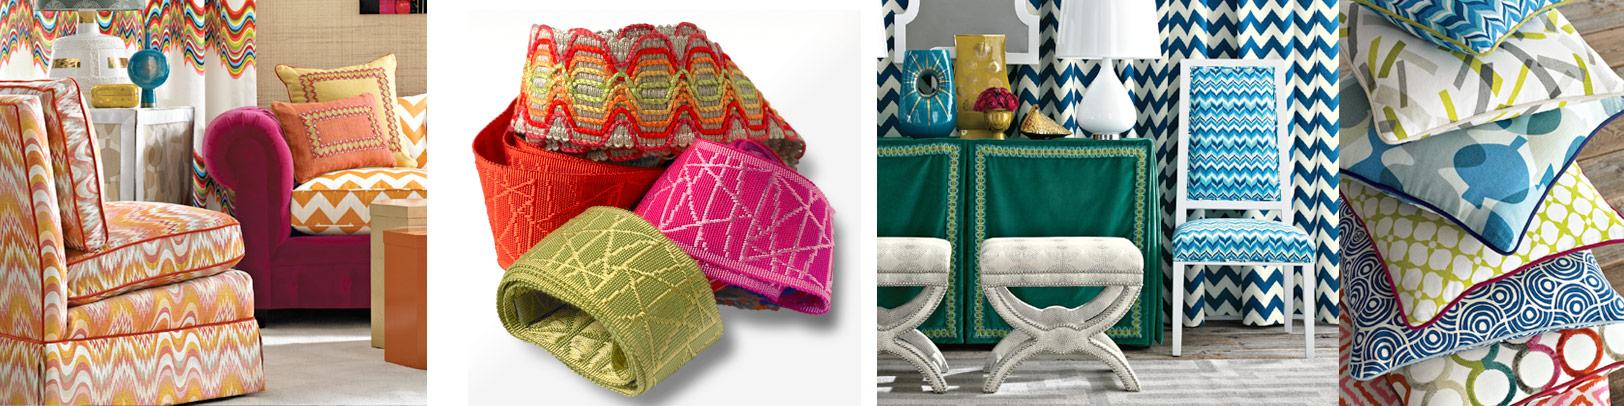 Fabric & Trims